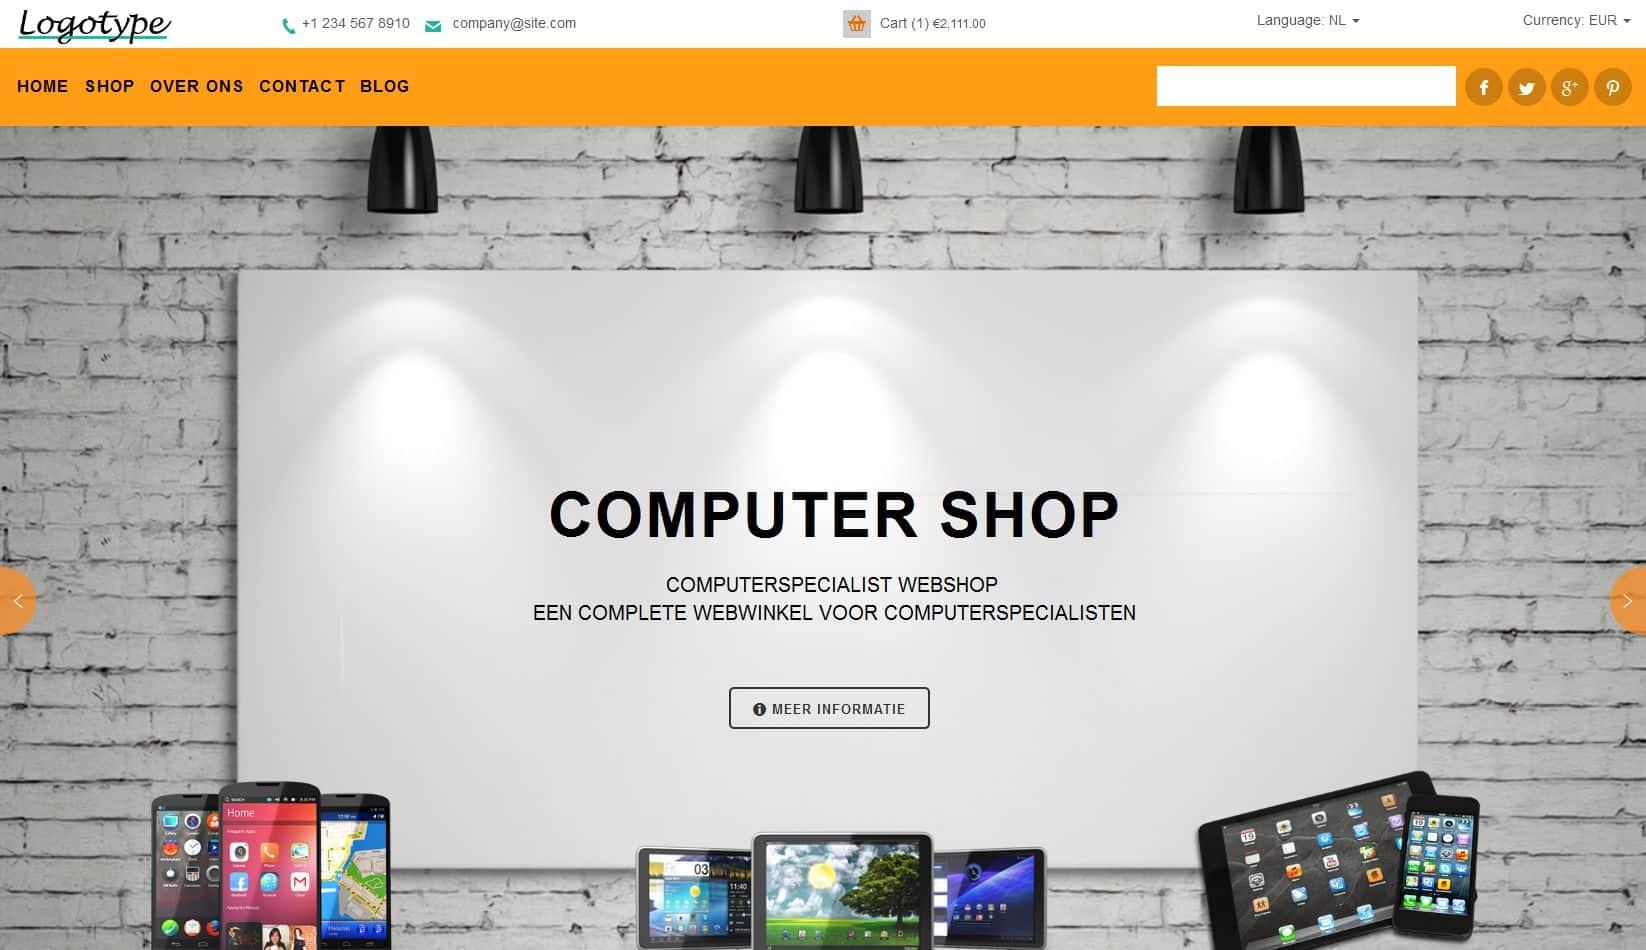 dit is een Computerwinkel shop laten maken foto